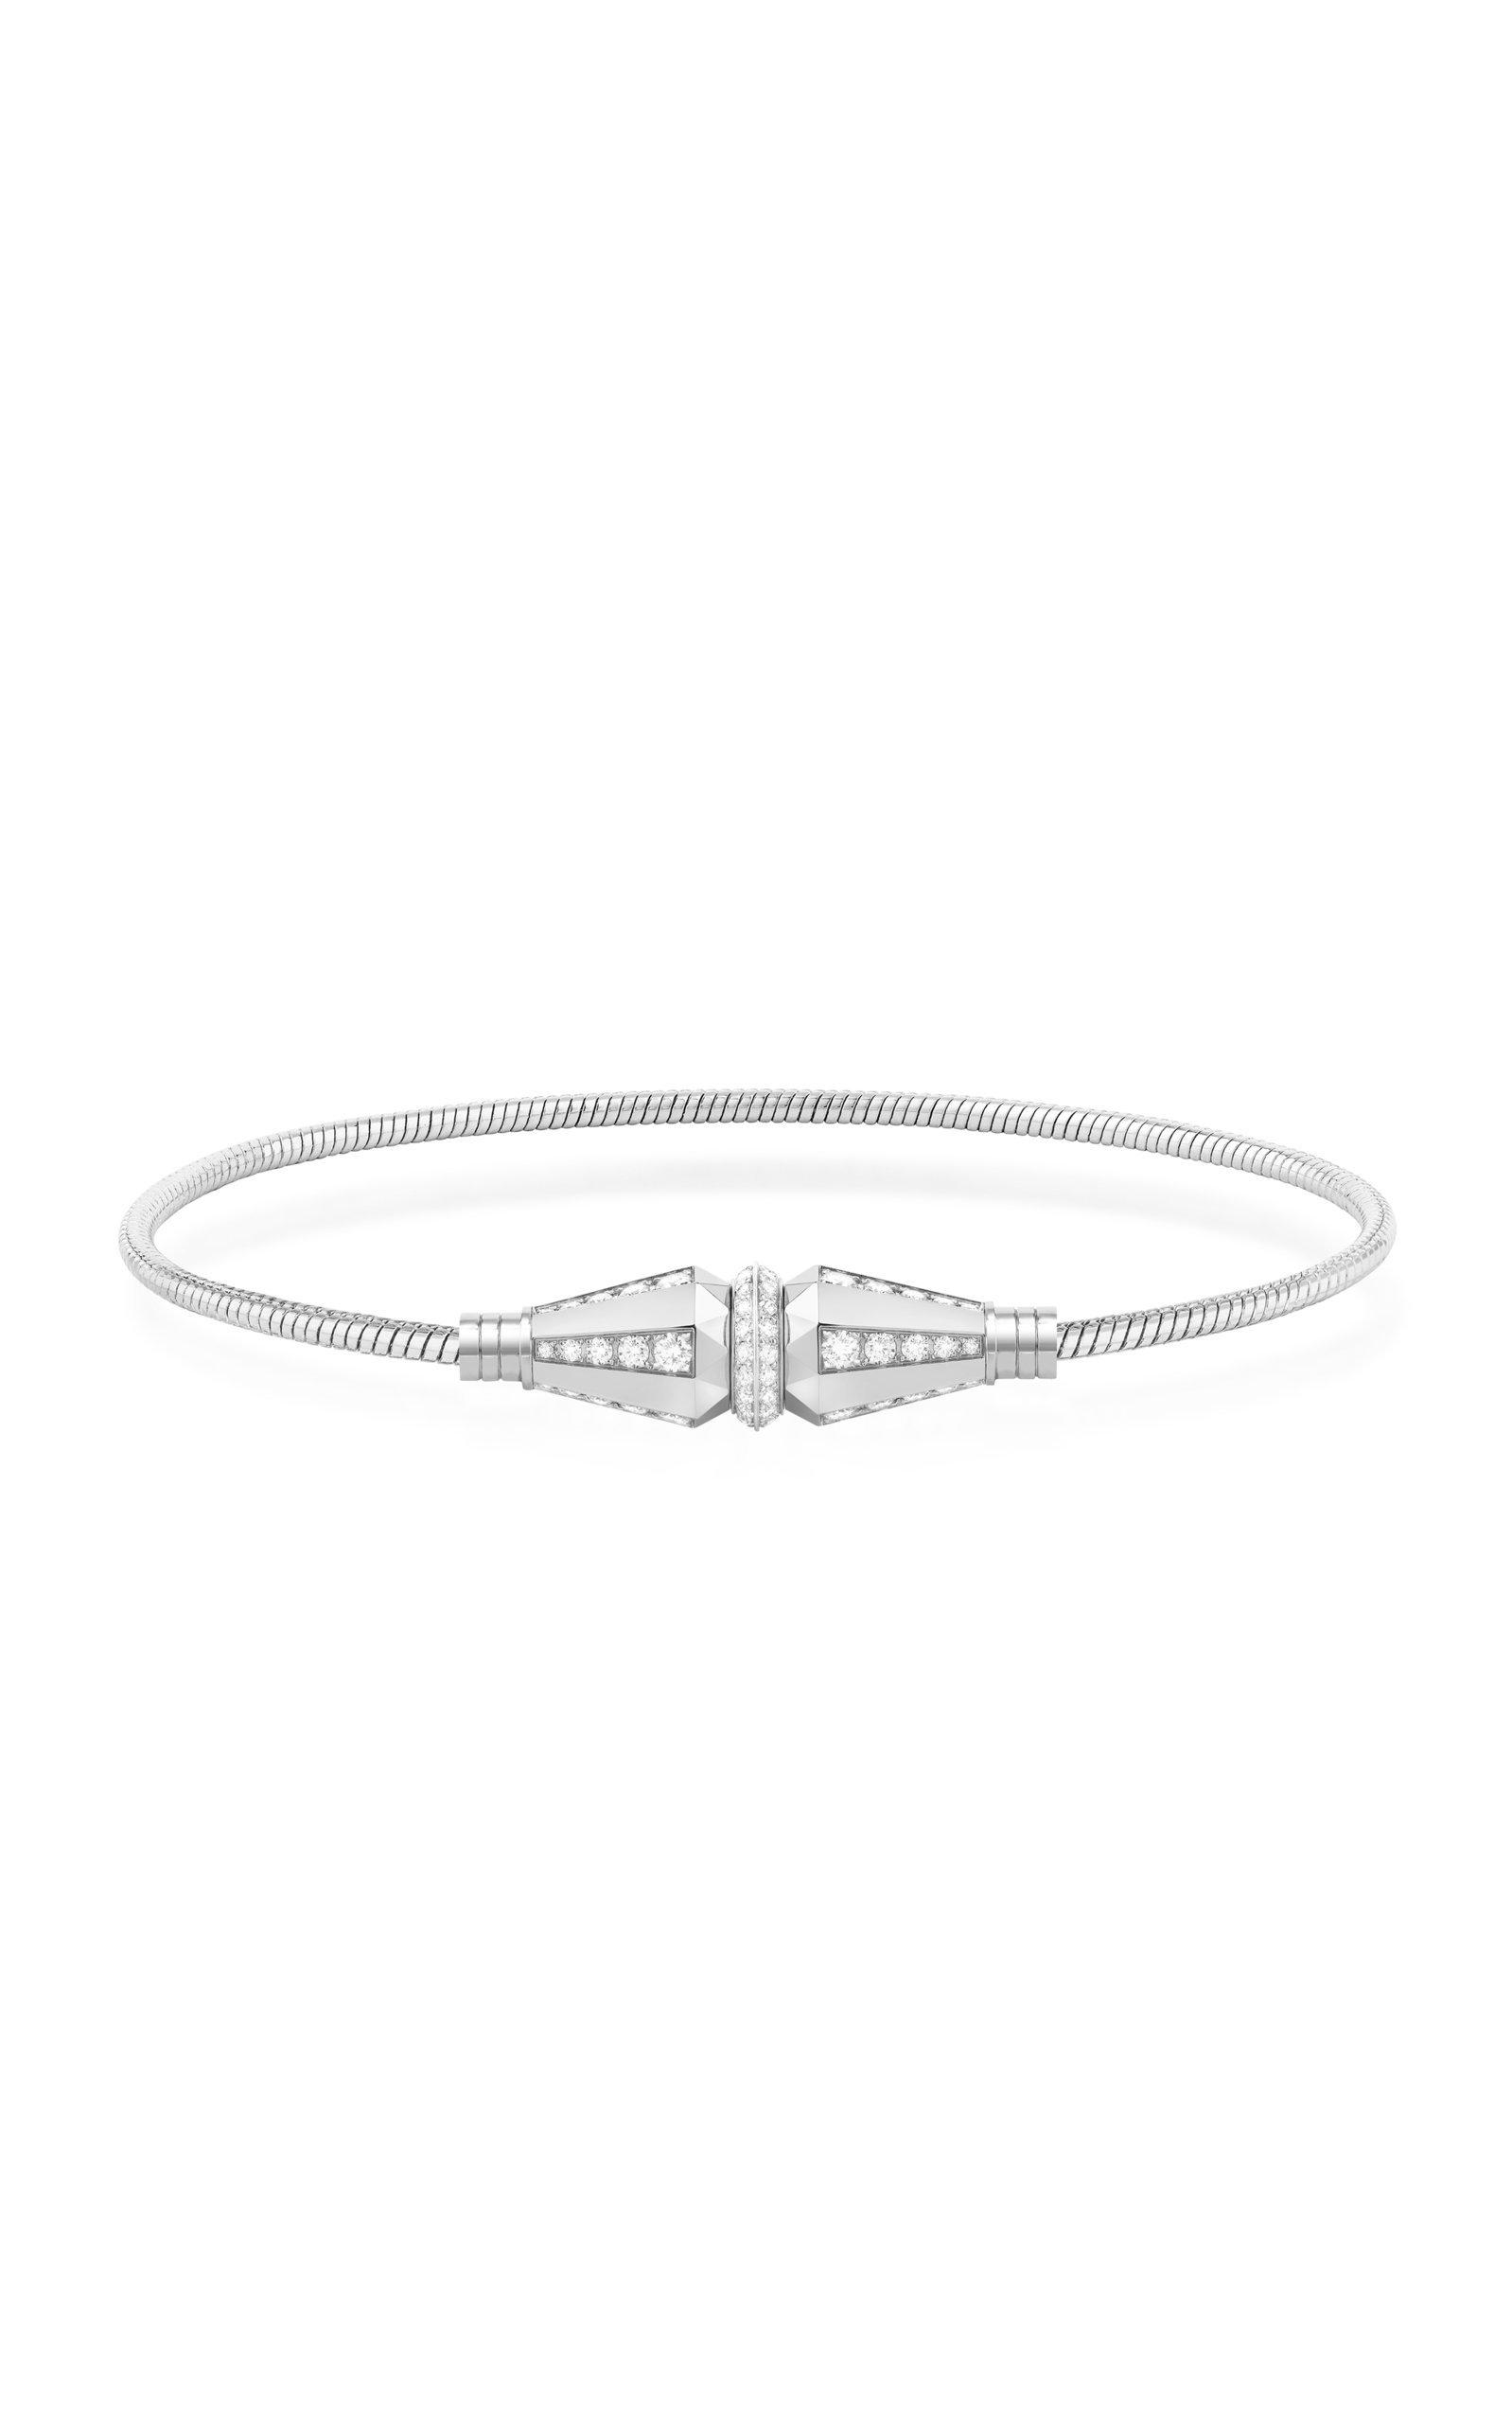 Jack de Boucheron Single Wrap Bracelet with Diamonds by Boucheron | Moda Operandi